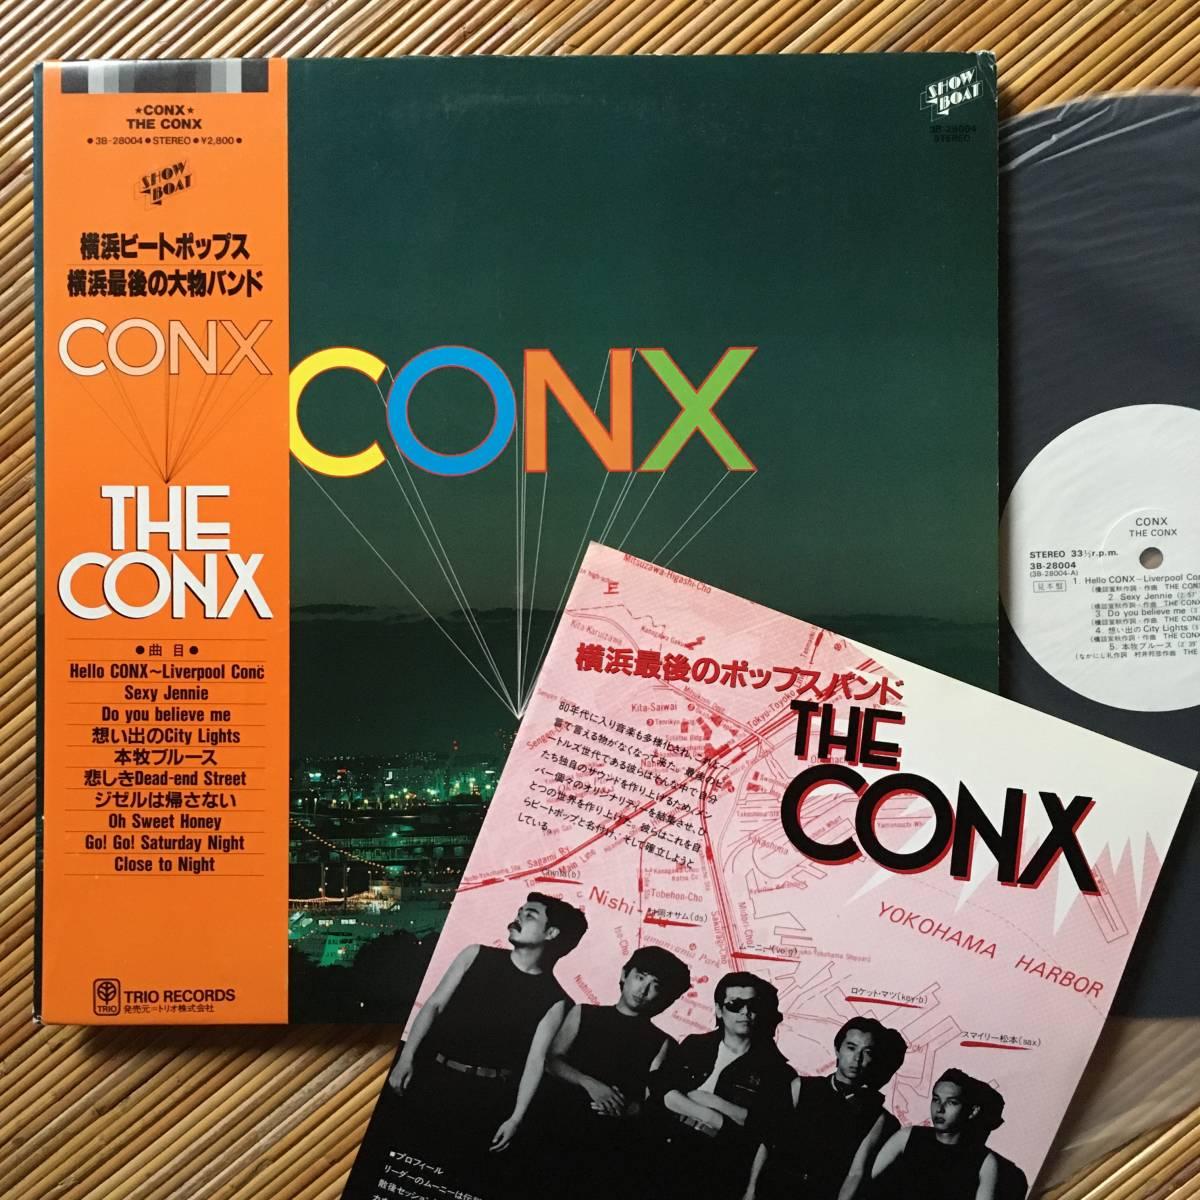 《見本盤・極美盤!》THE CONX『CONX』LP~オレンジカウンティーブラザーズ/高田渡/加川良/吉野大作/横浜/にほ_画像1